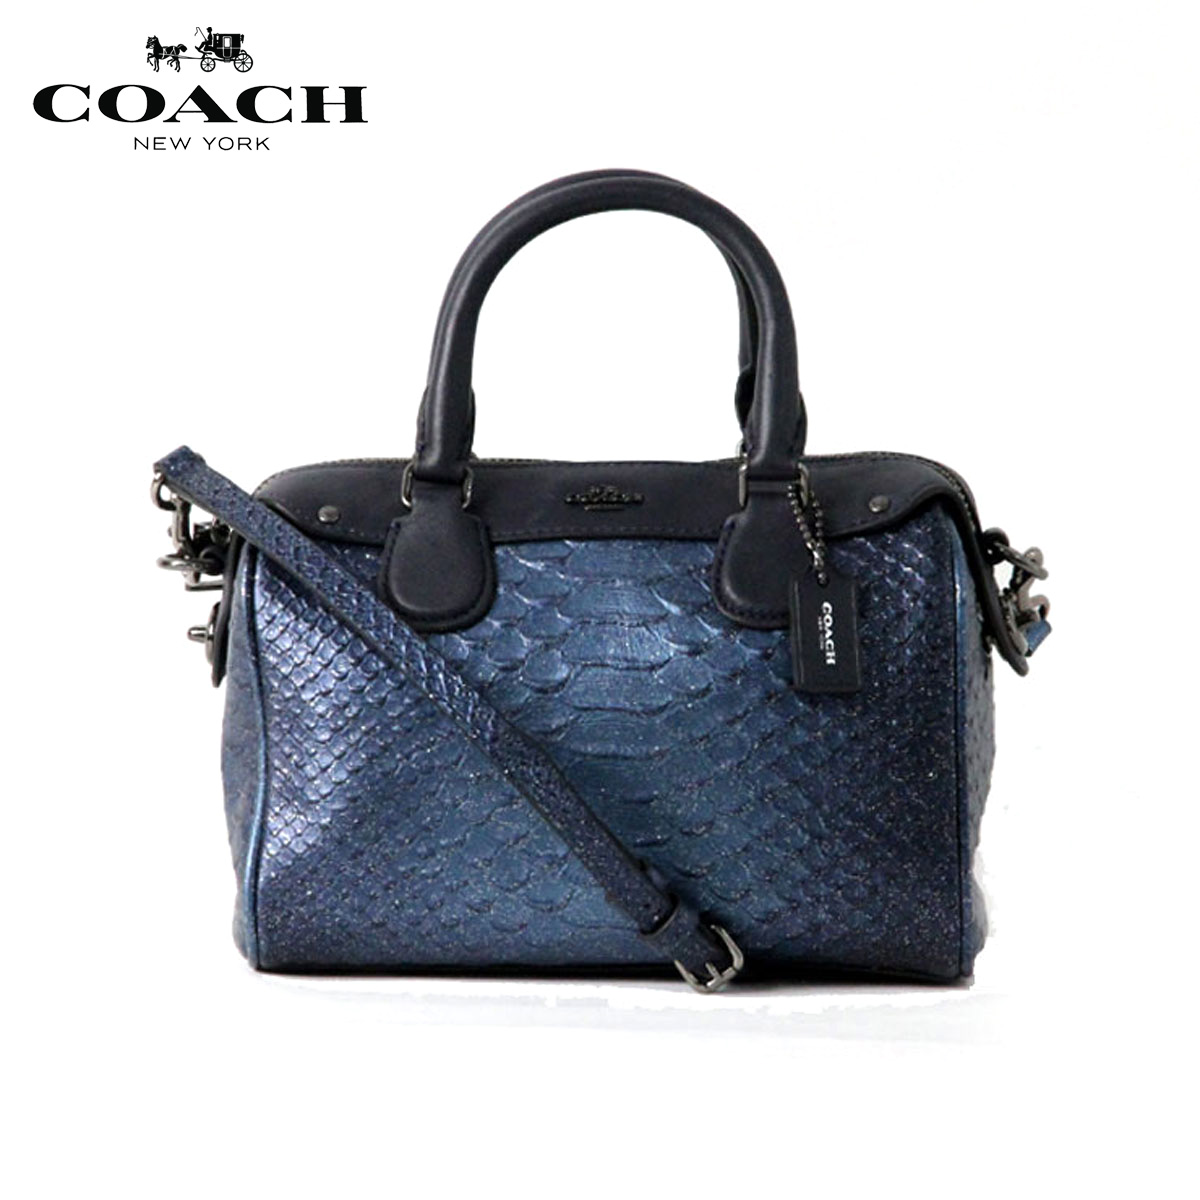 コーチ COACH 正規品 レディース バッグ SATCHEL F36657 QBBL9